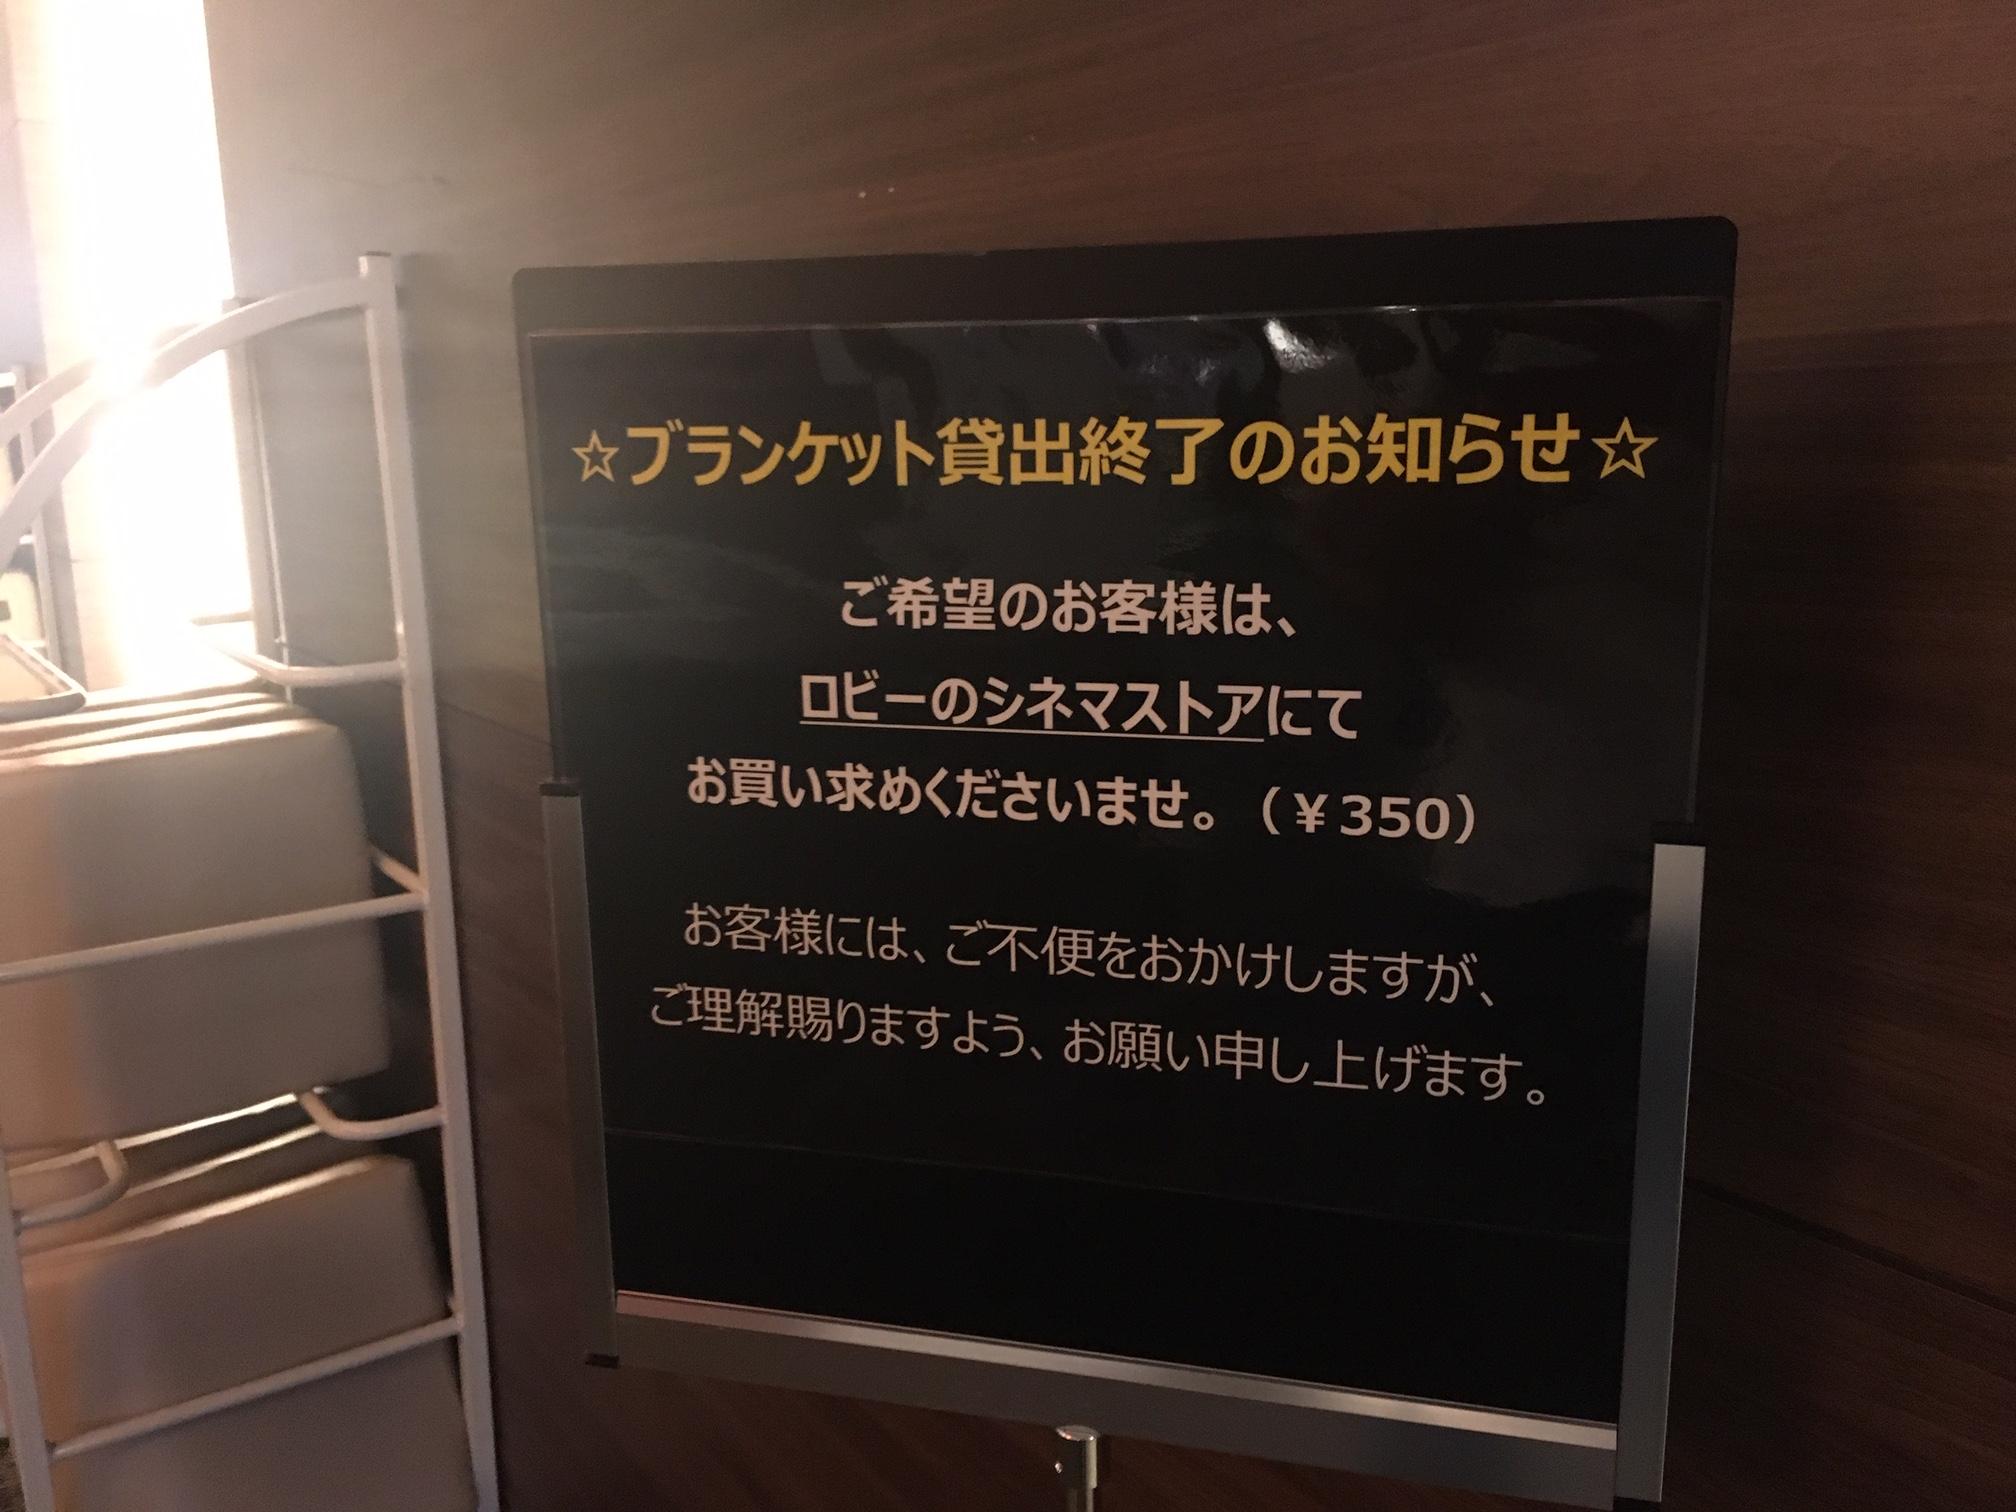 神戸の映画館がブランケット貸し出しサービスを終了 劇場が公表しづらい理由とは まいどなニュース